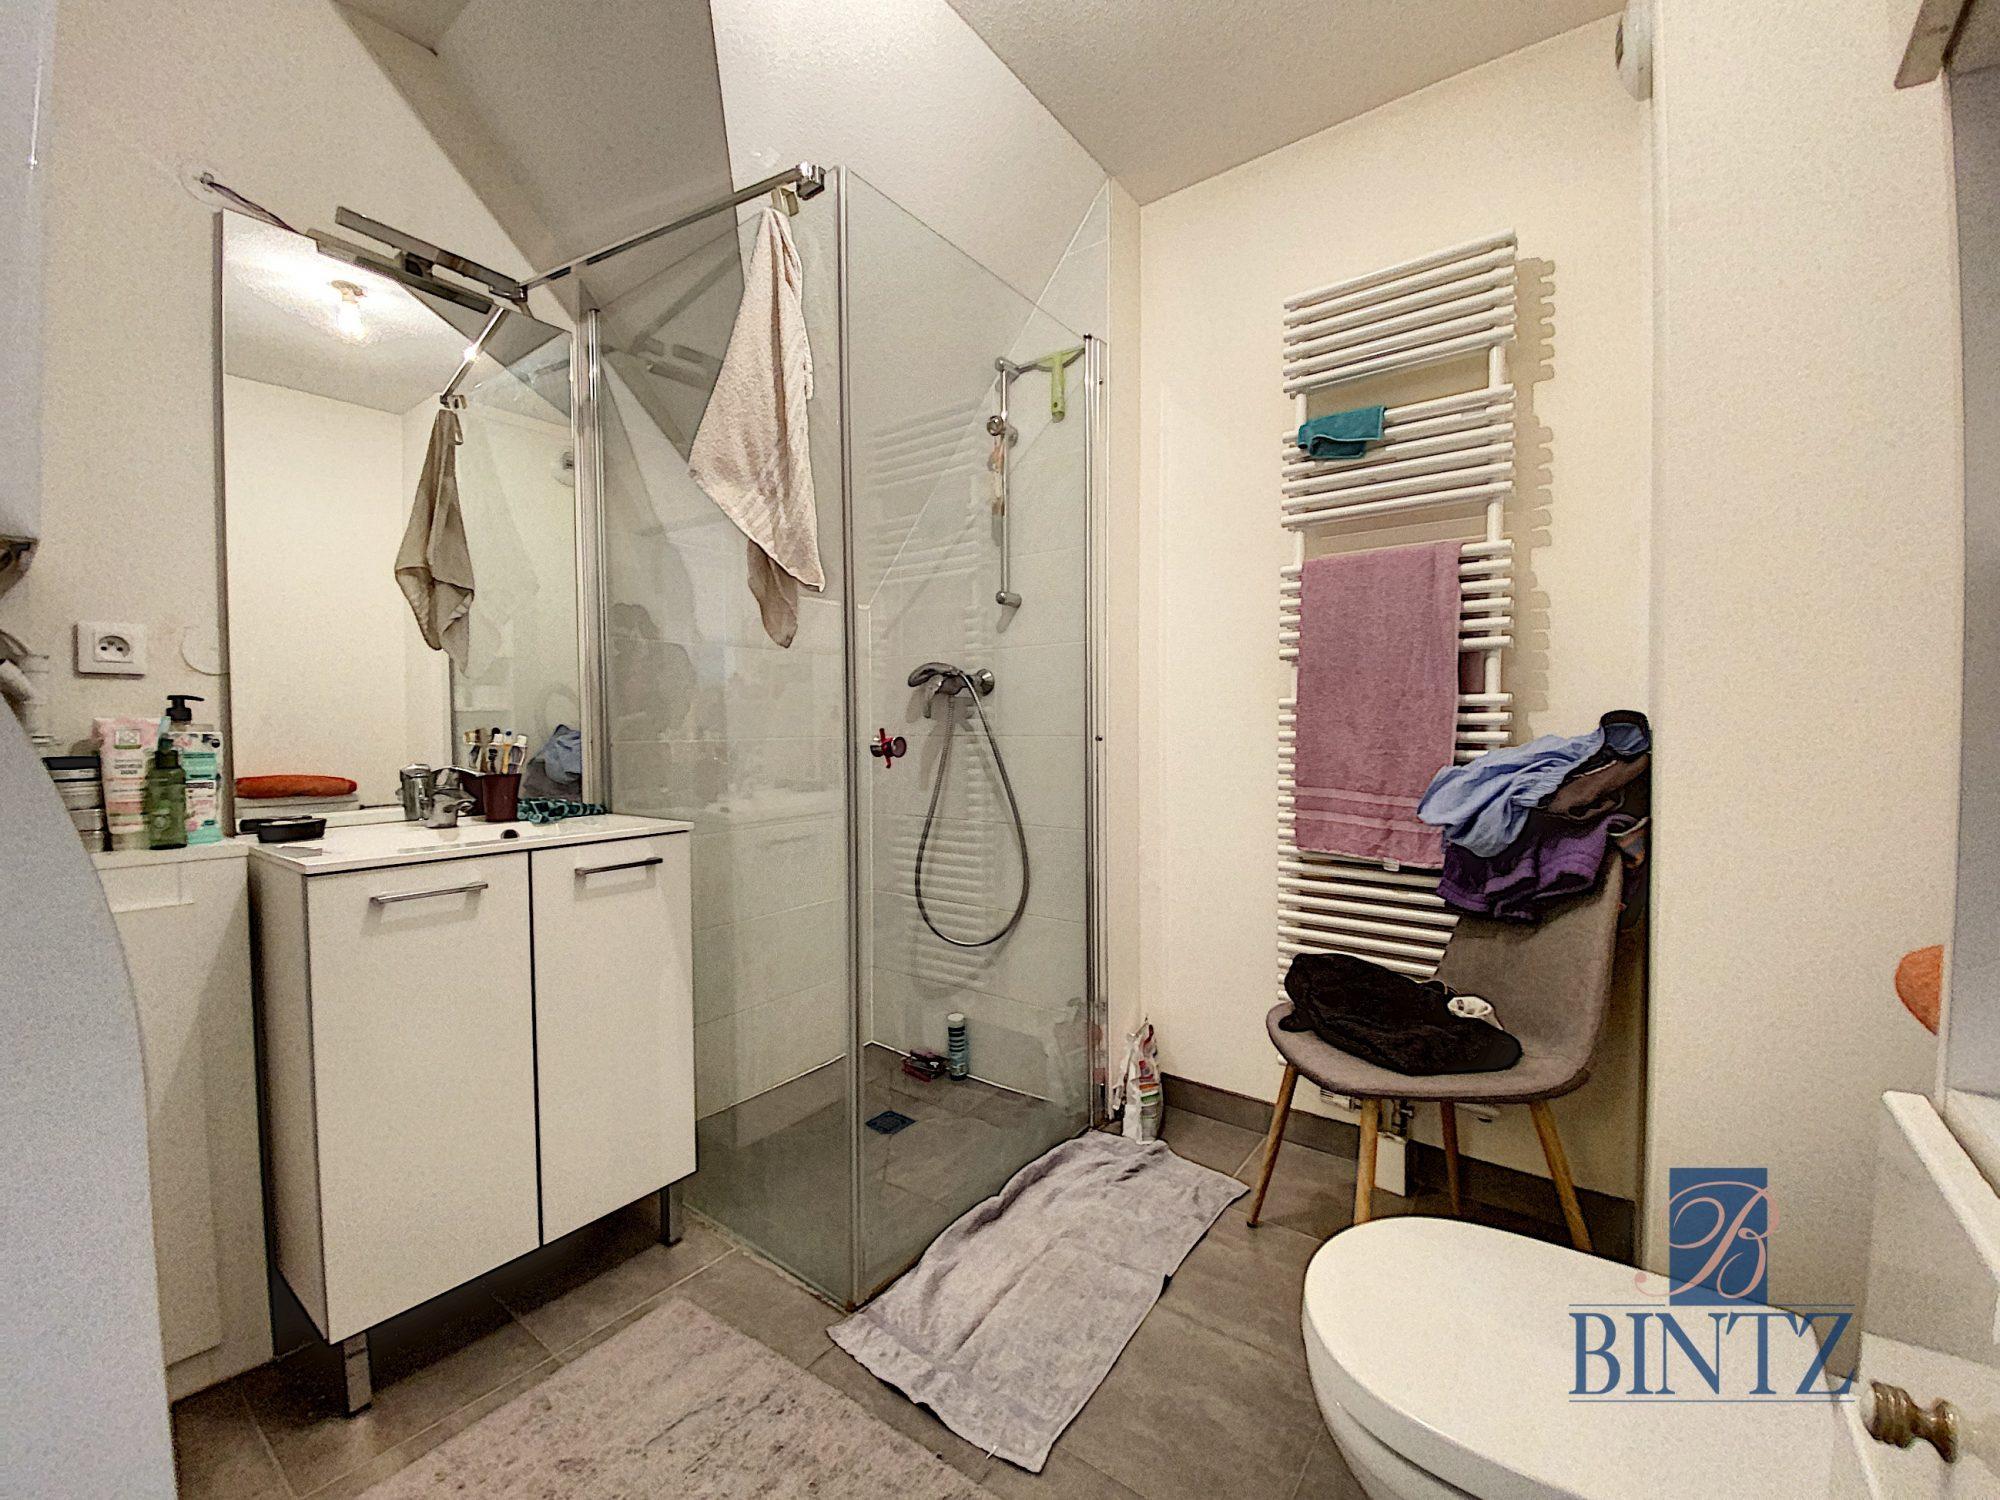 2 PIÈCES AVEC PARKING SCHILTIGHEIM - Devenez locataire en toute sérénité - Bintz Immobilier - 4